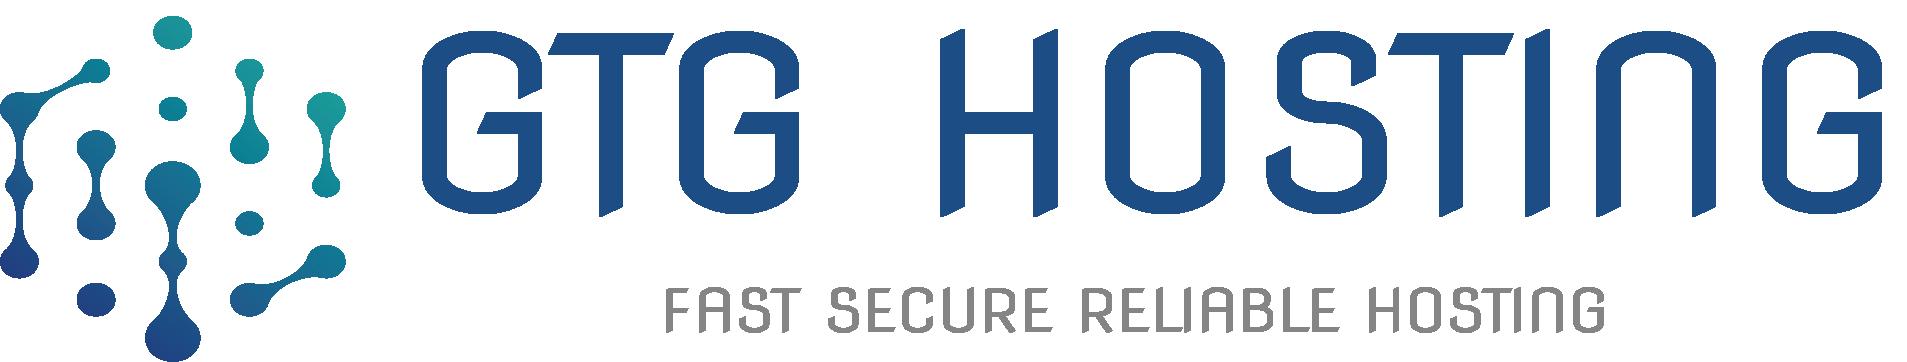 GTG Hosting